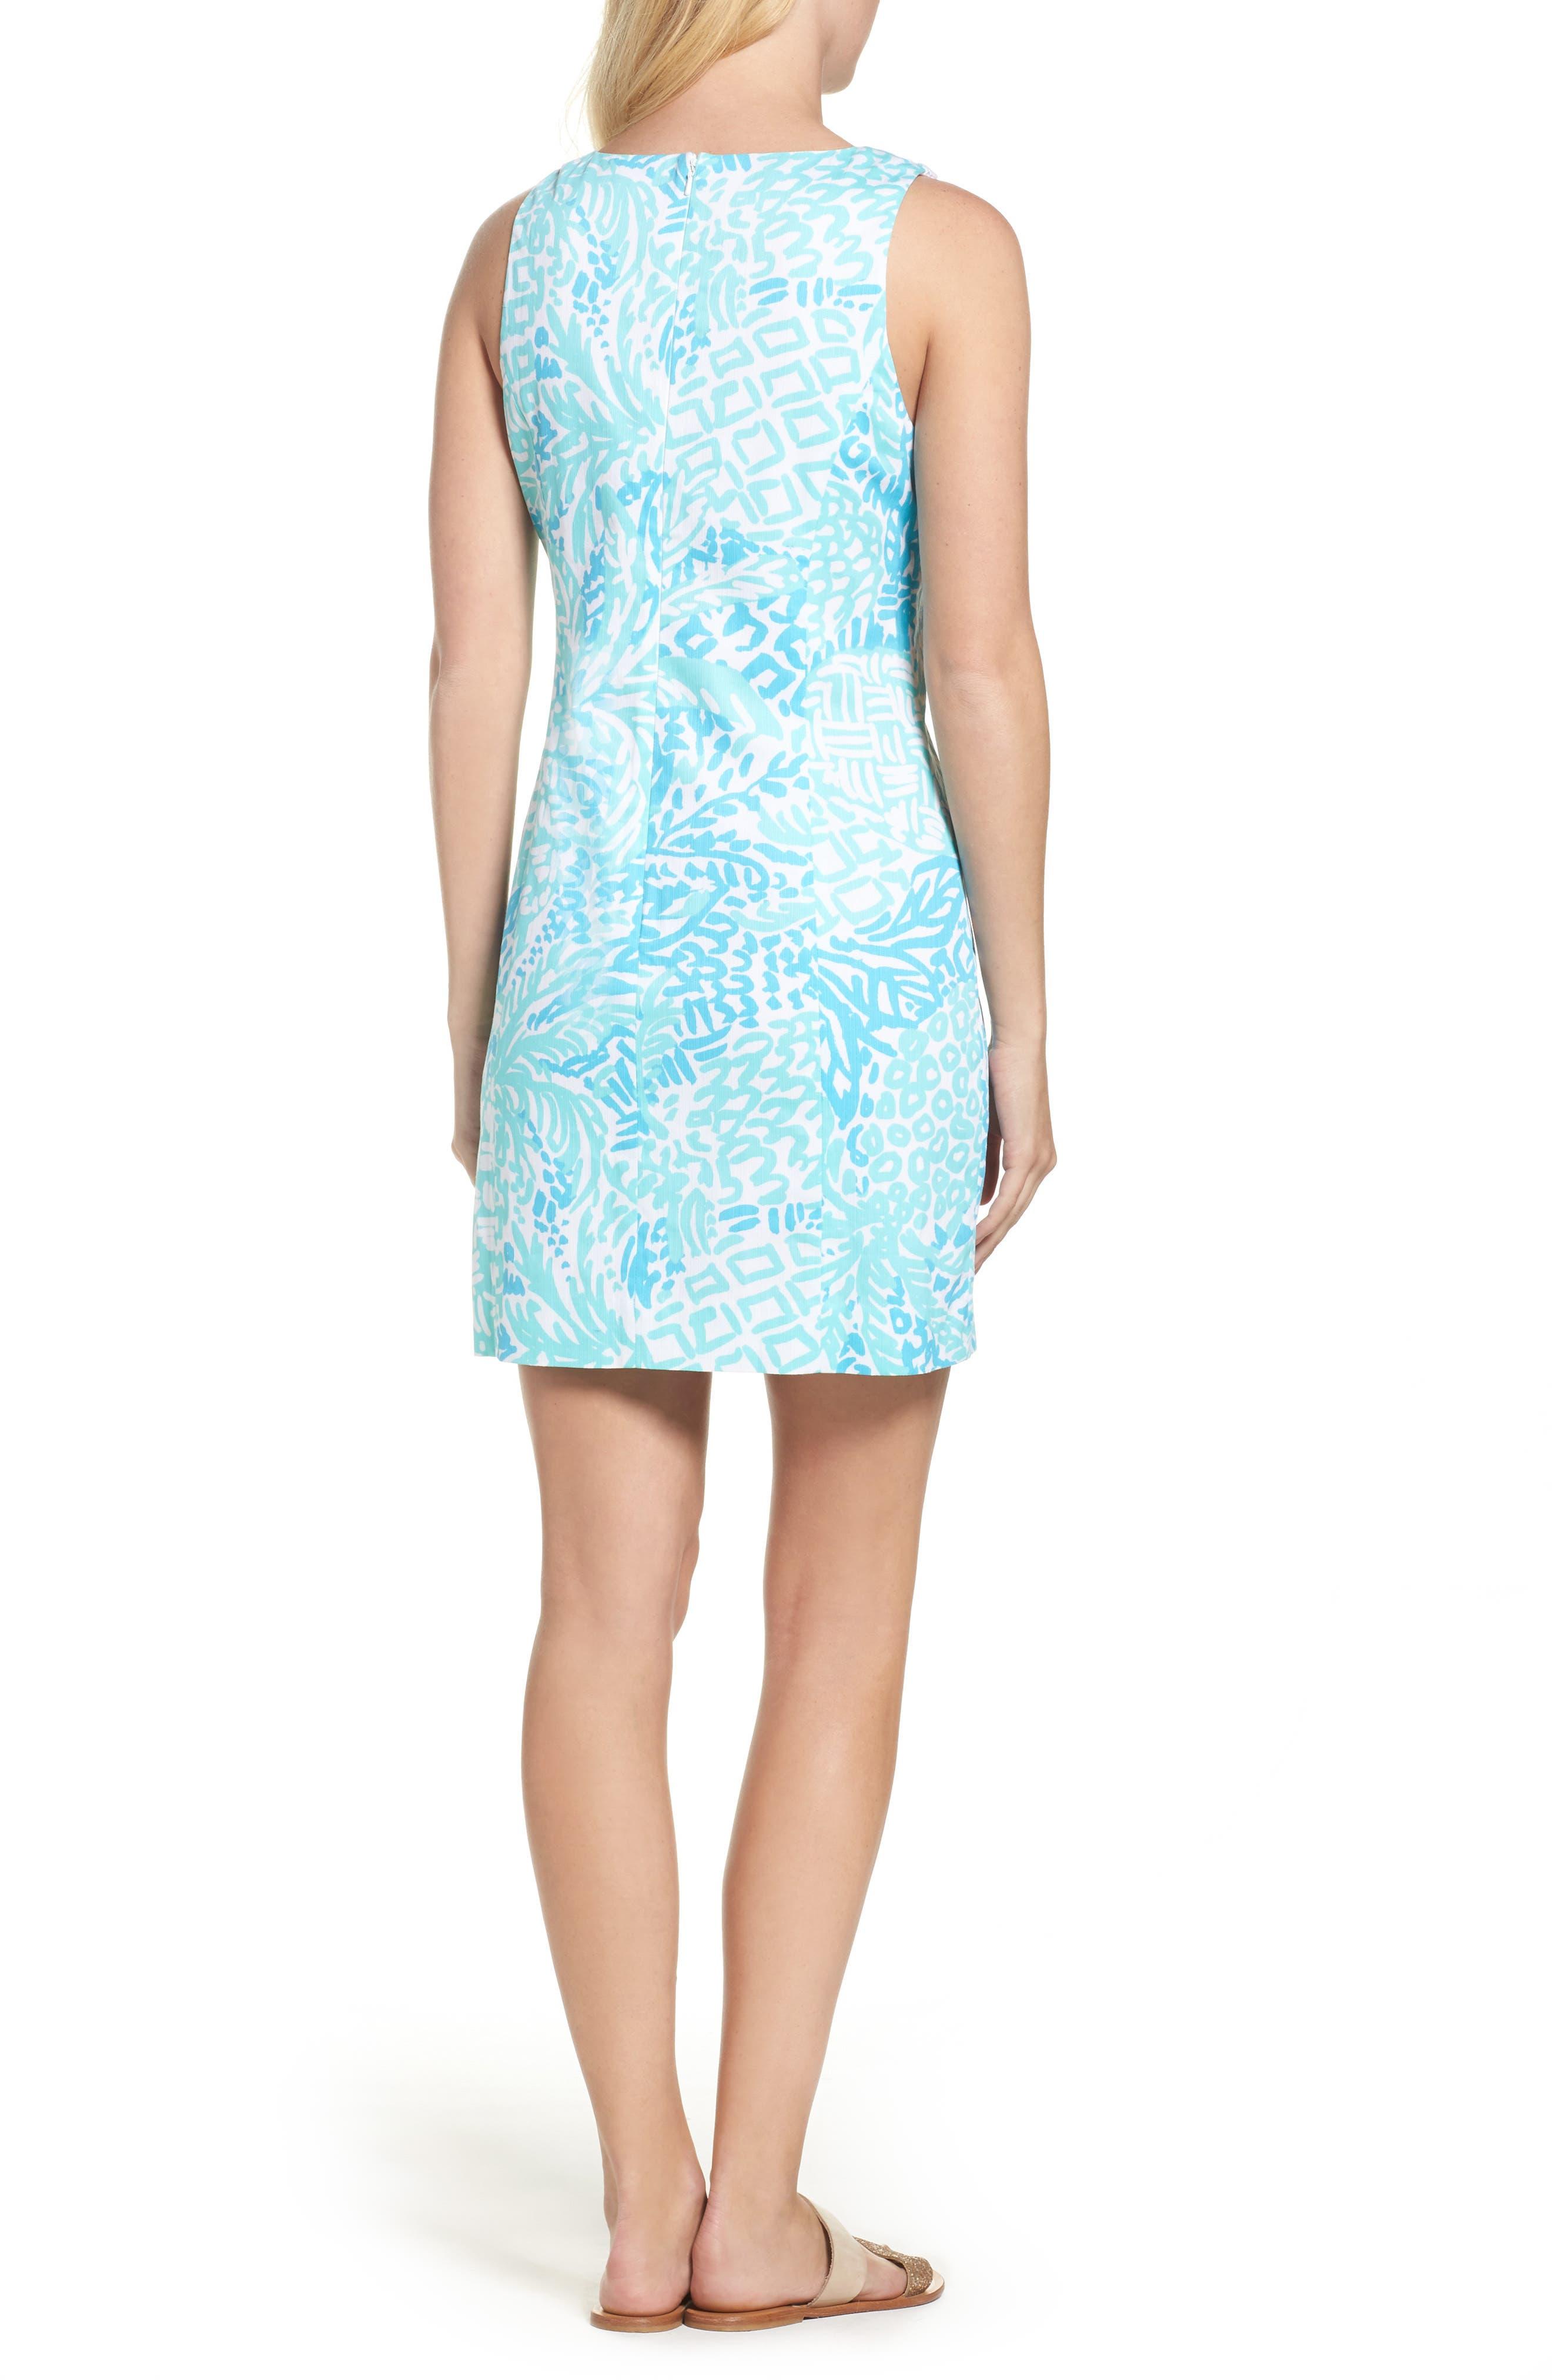 McFarlane Sheath dress,                             Alternate thumbnail 2, color,                             Seaside Aqua Home Slice